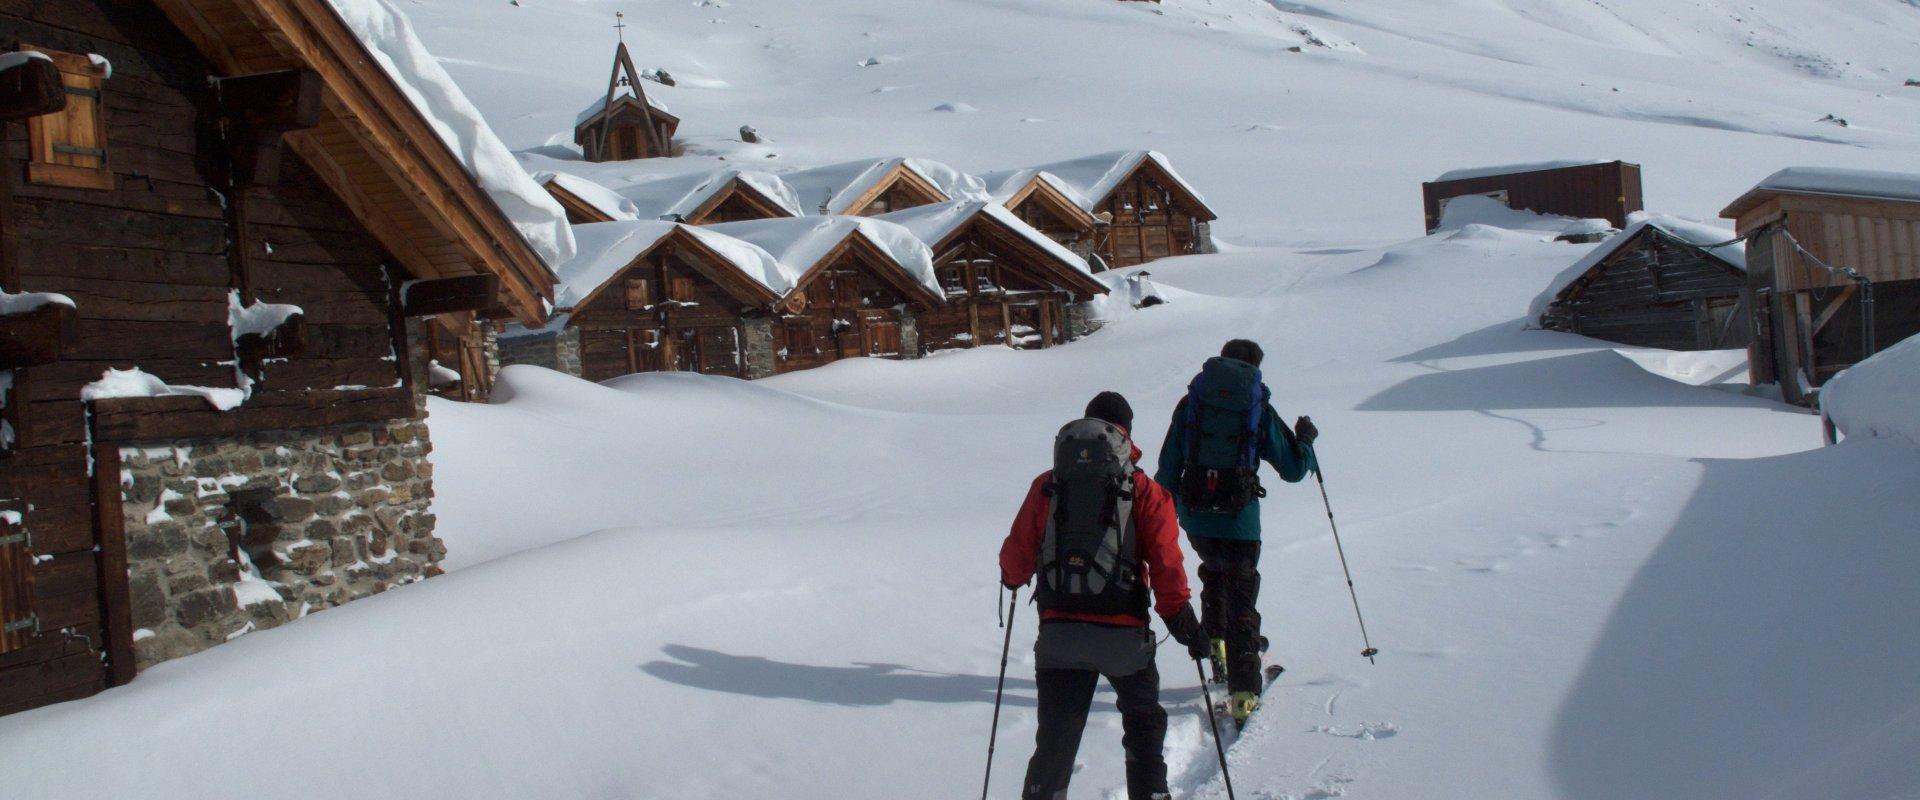 Ski de randonnée à Saint-Martin